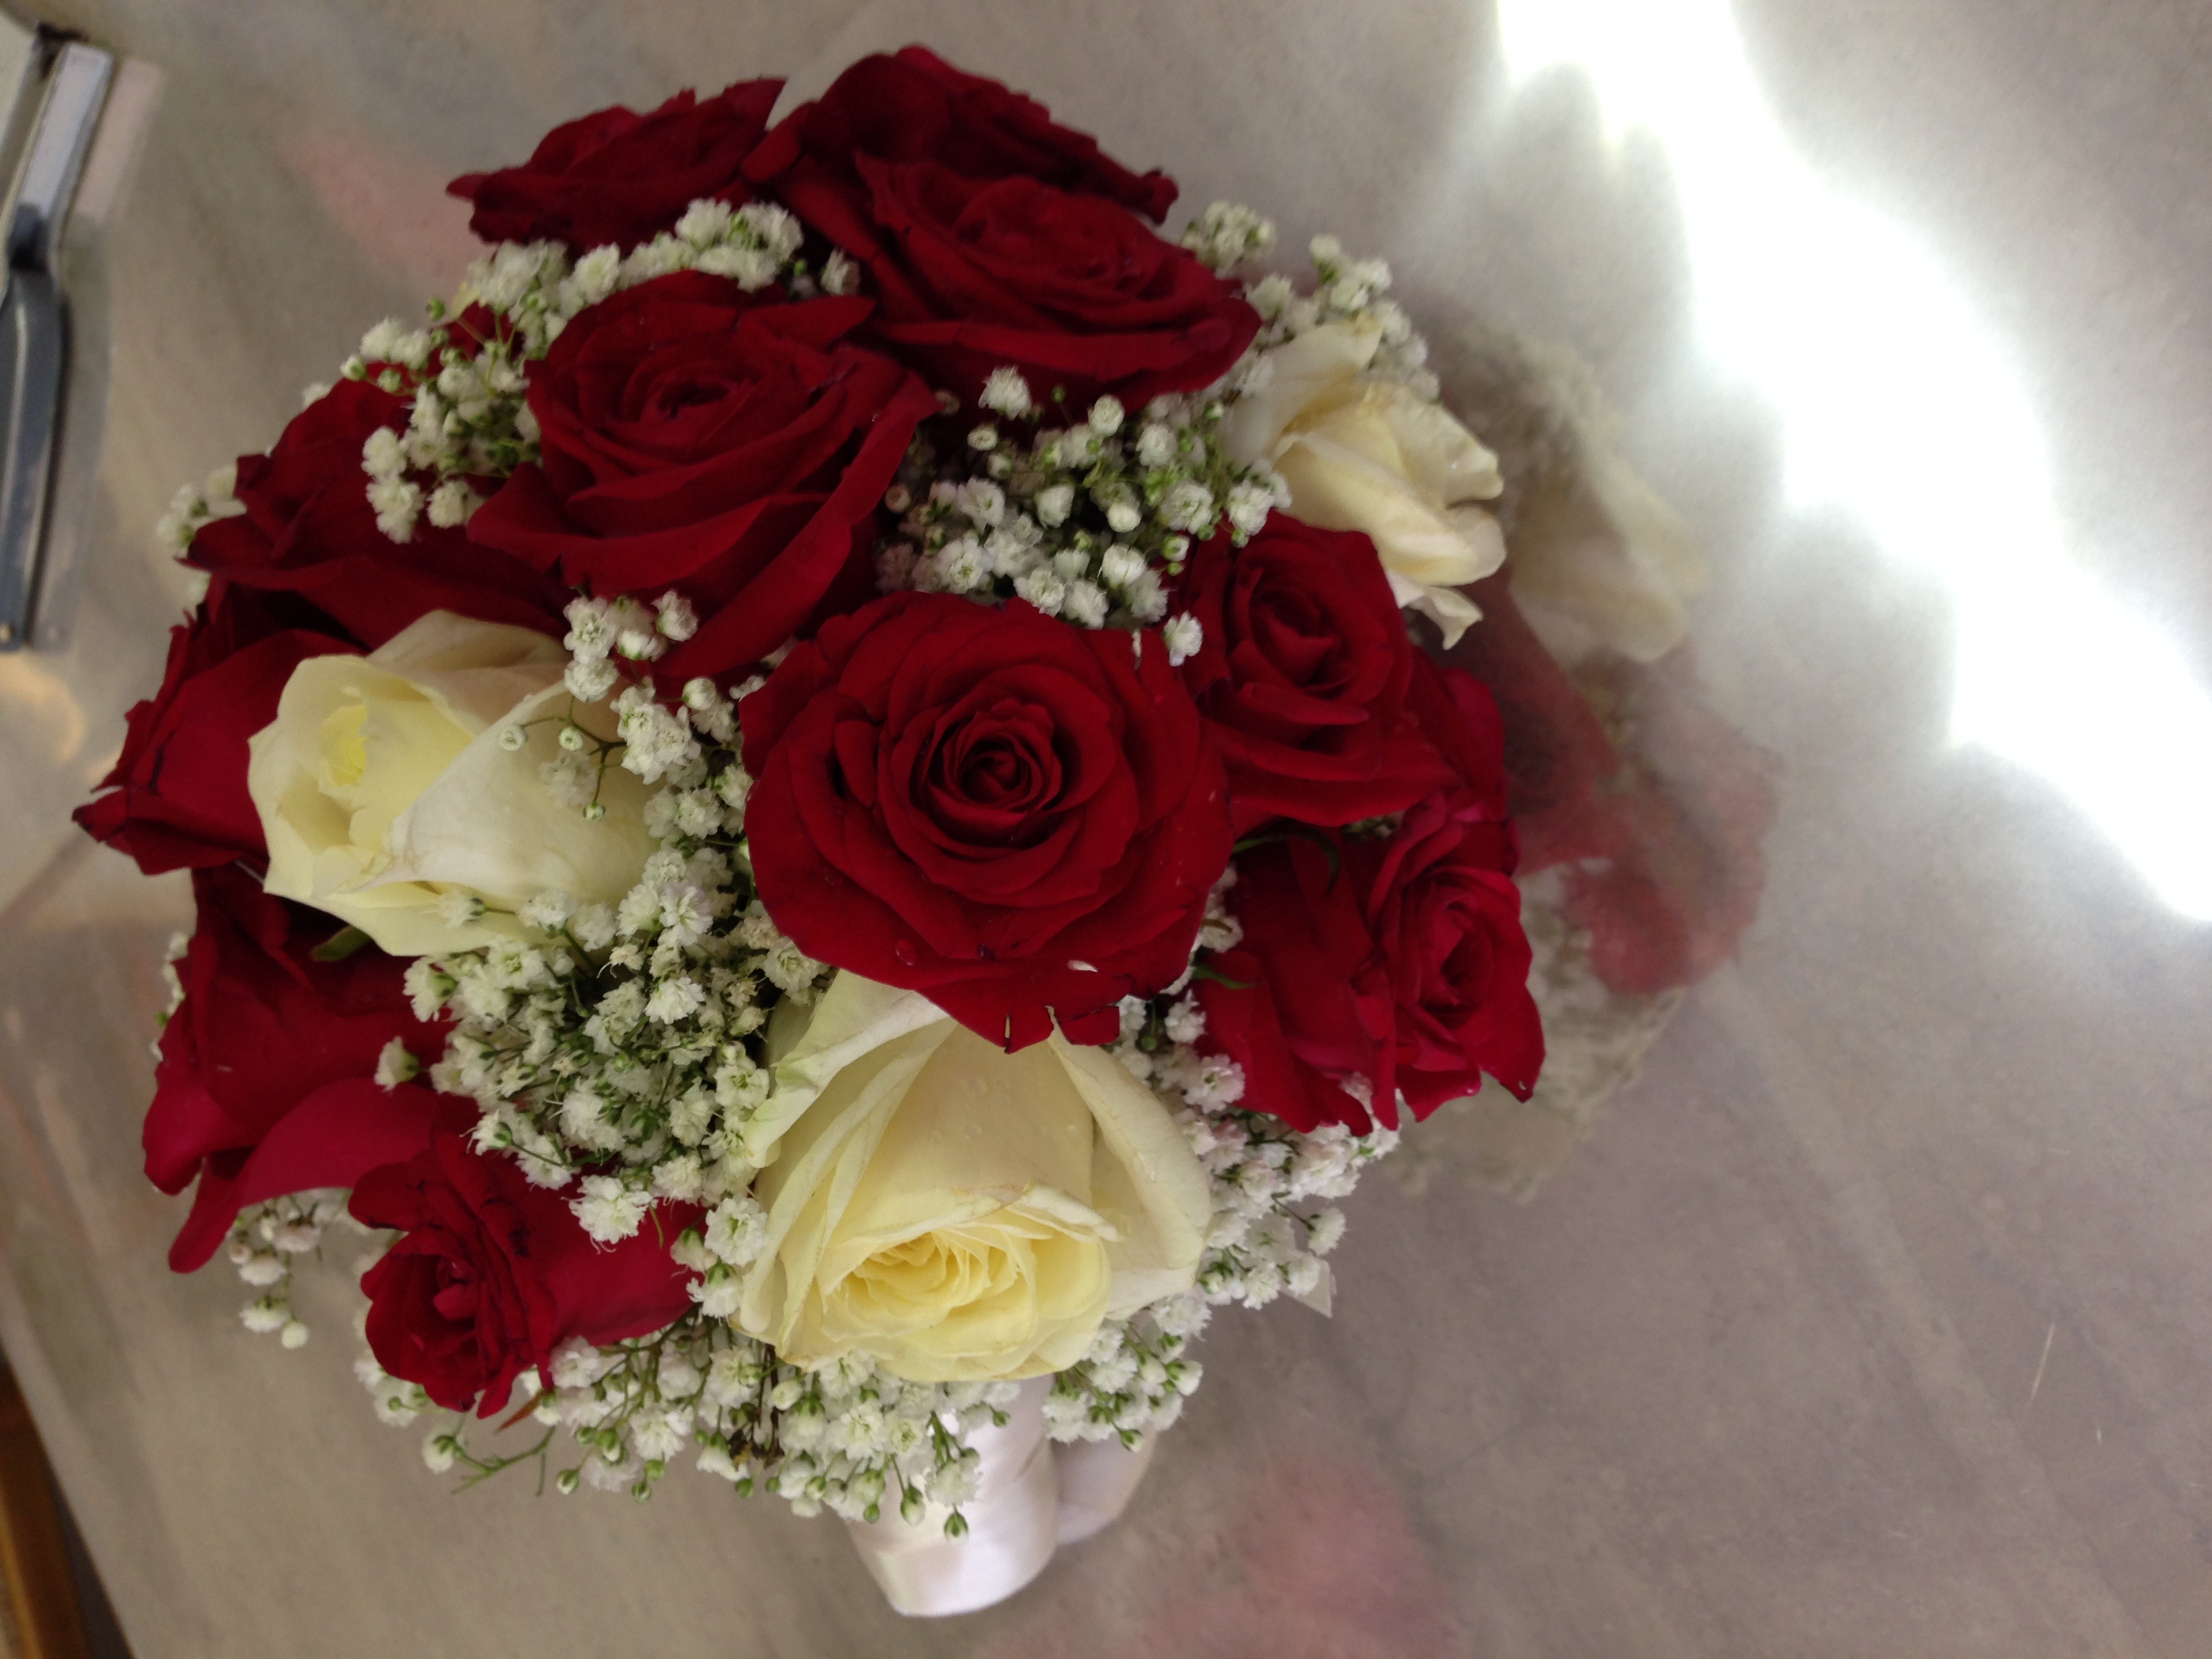 Bouquet Sposa Costo.Bouquet Da Sposa Con Un Tipo Di Fiore